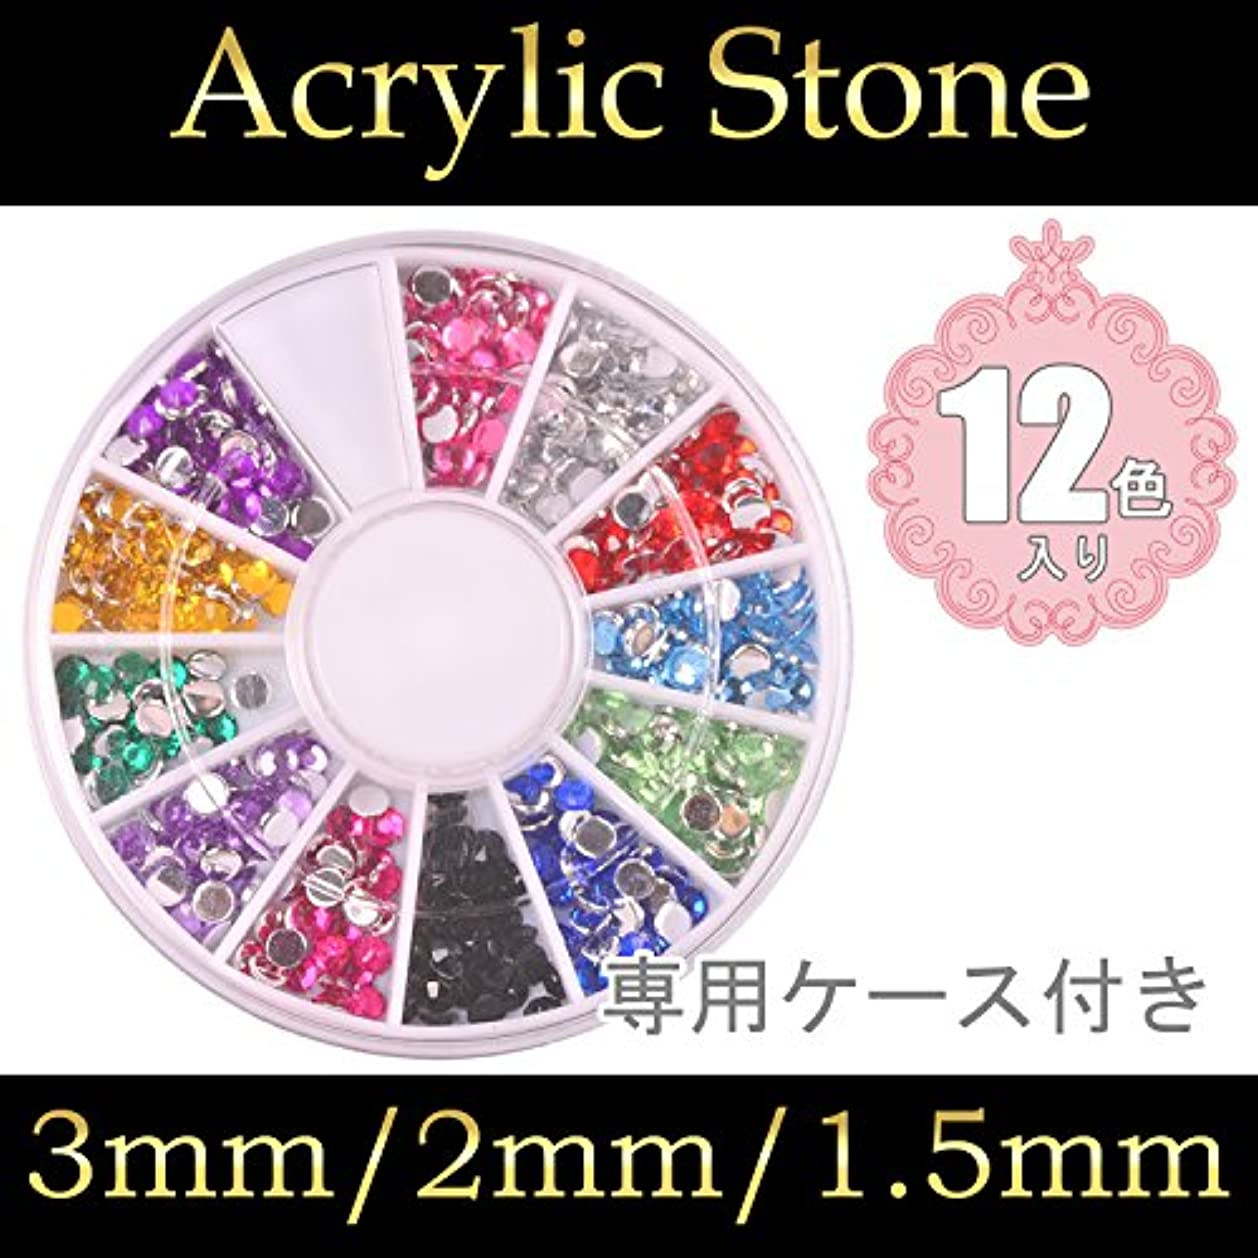 ネイル アクリルラインストーン 12色セット(3mm[各50粒?600粒入り])